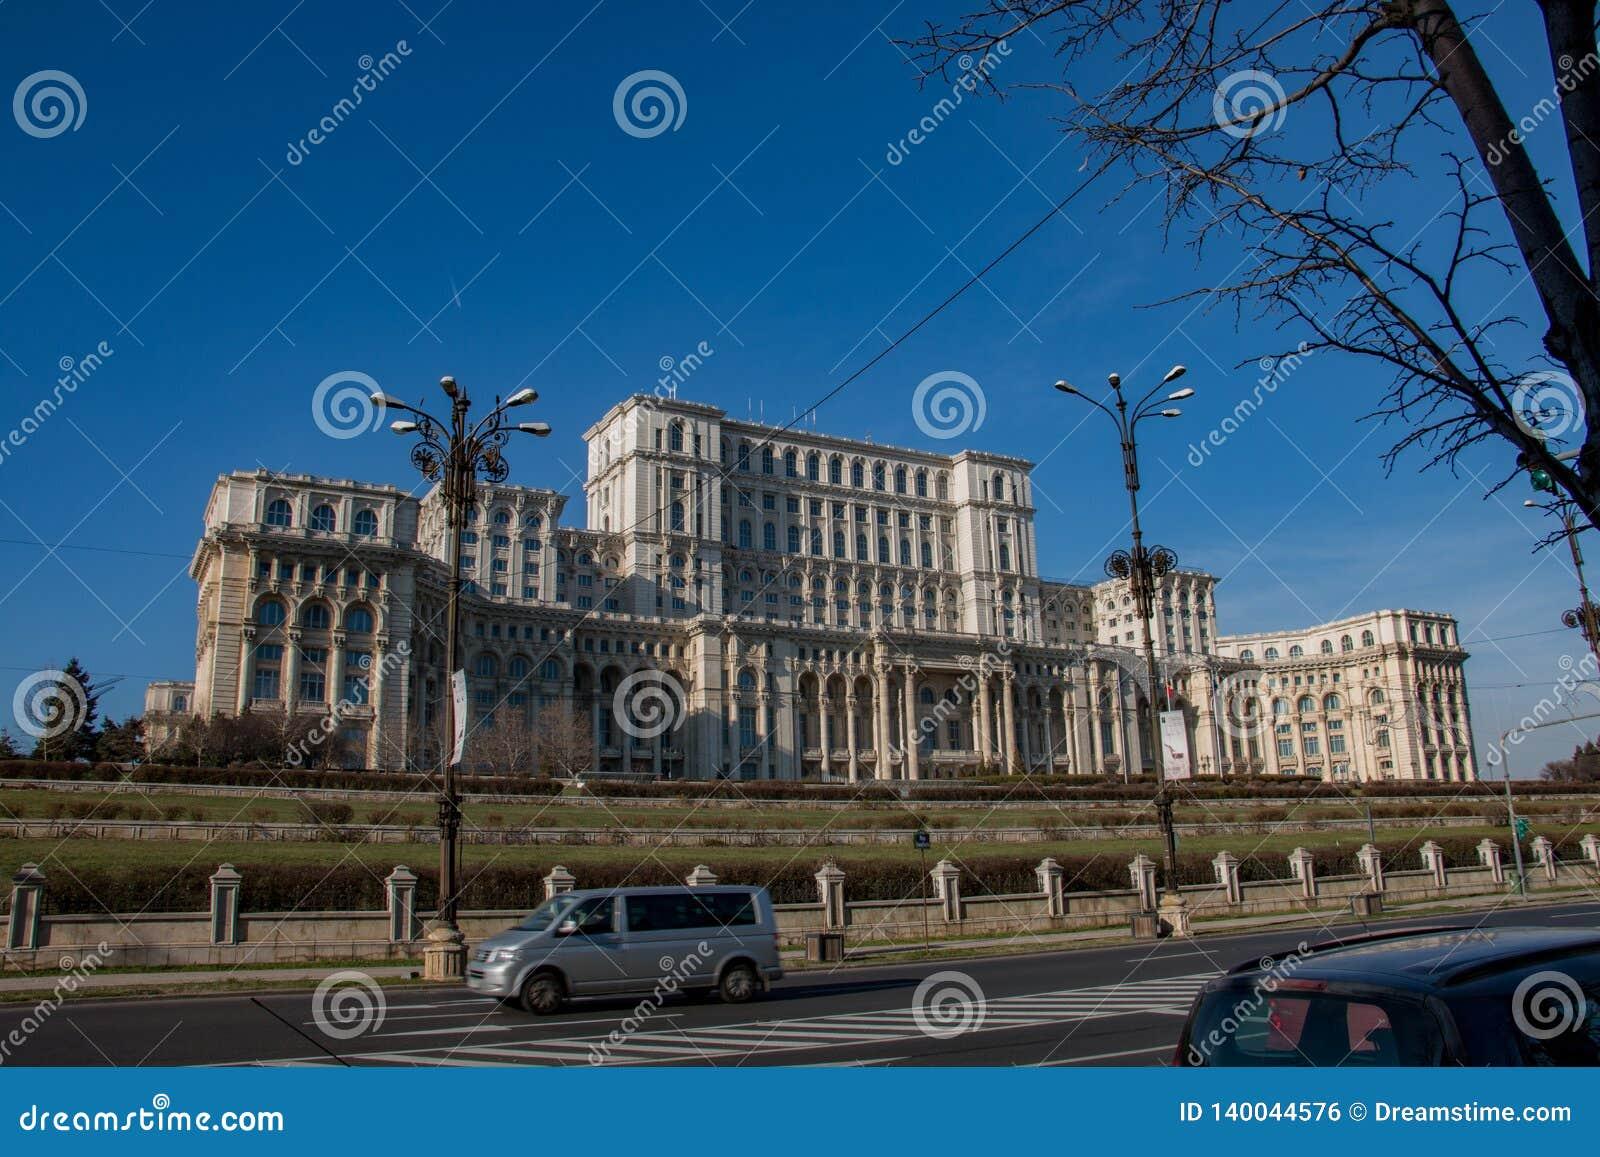 Παλάτι του Κοινοβουλίου Βουκουρέστι, πρωτεύουσα της Ρουμανίας